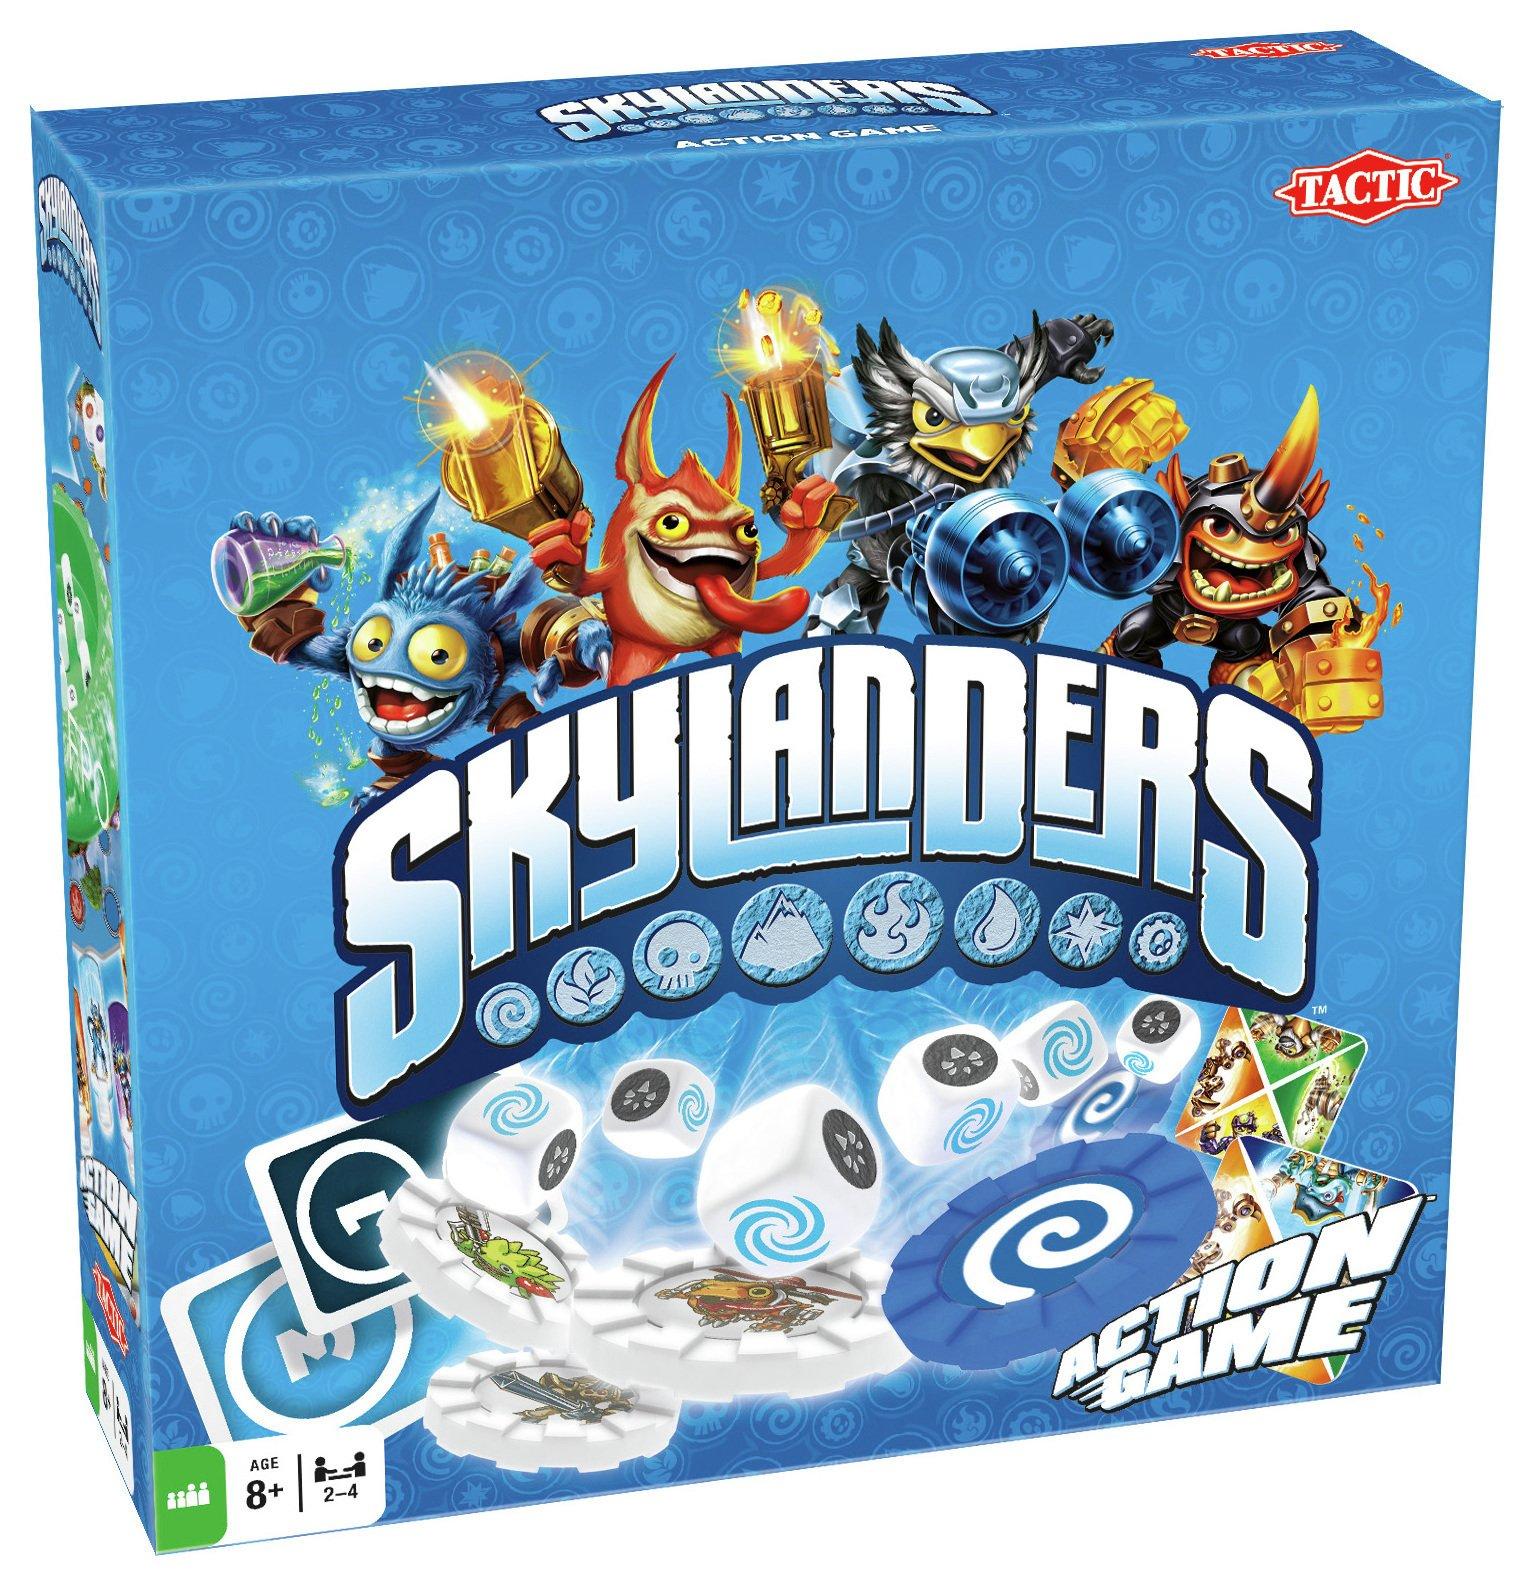 Image of Tactic Games - Skylanders Board Game.